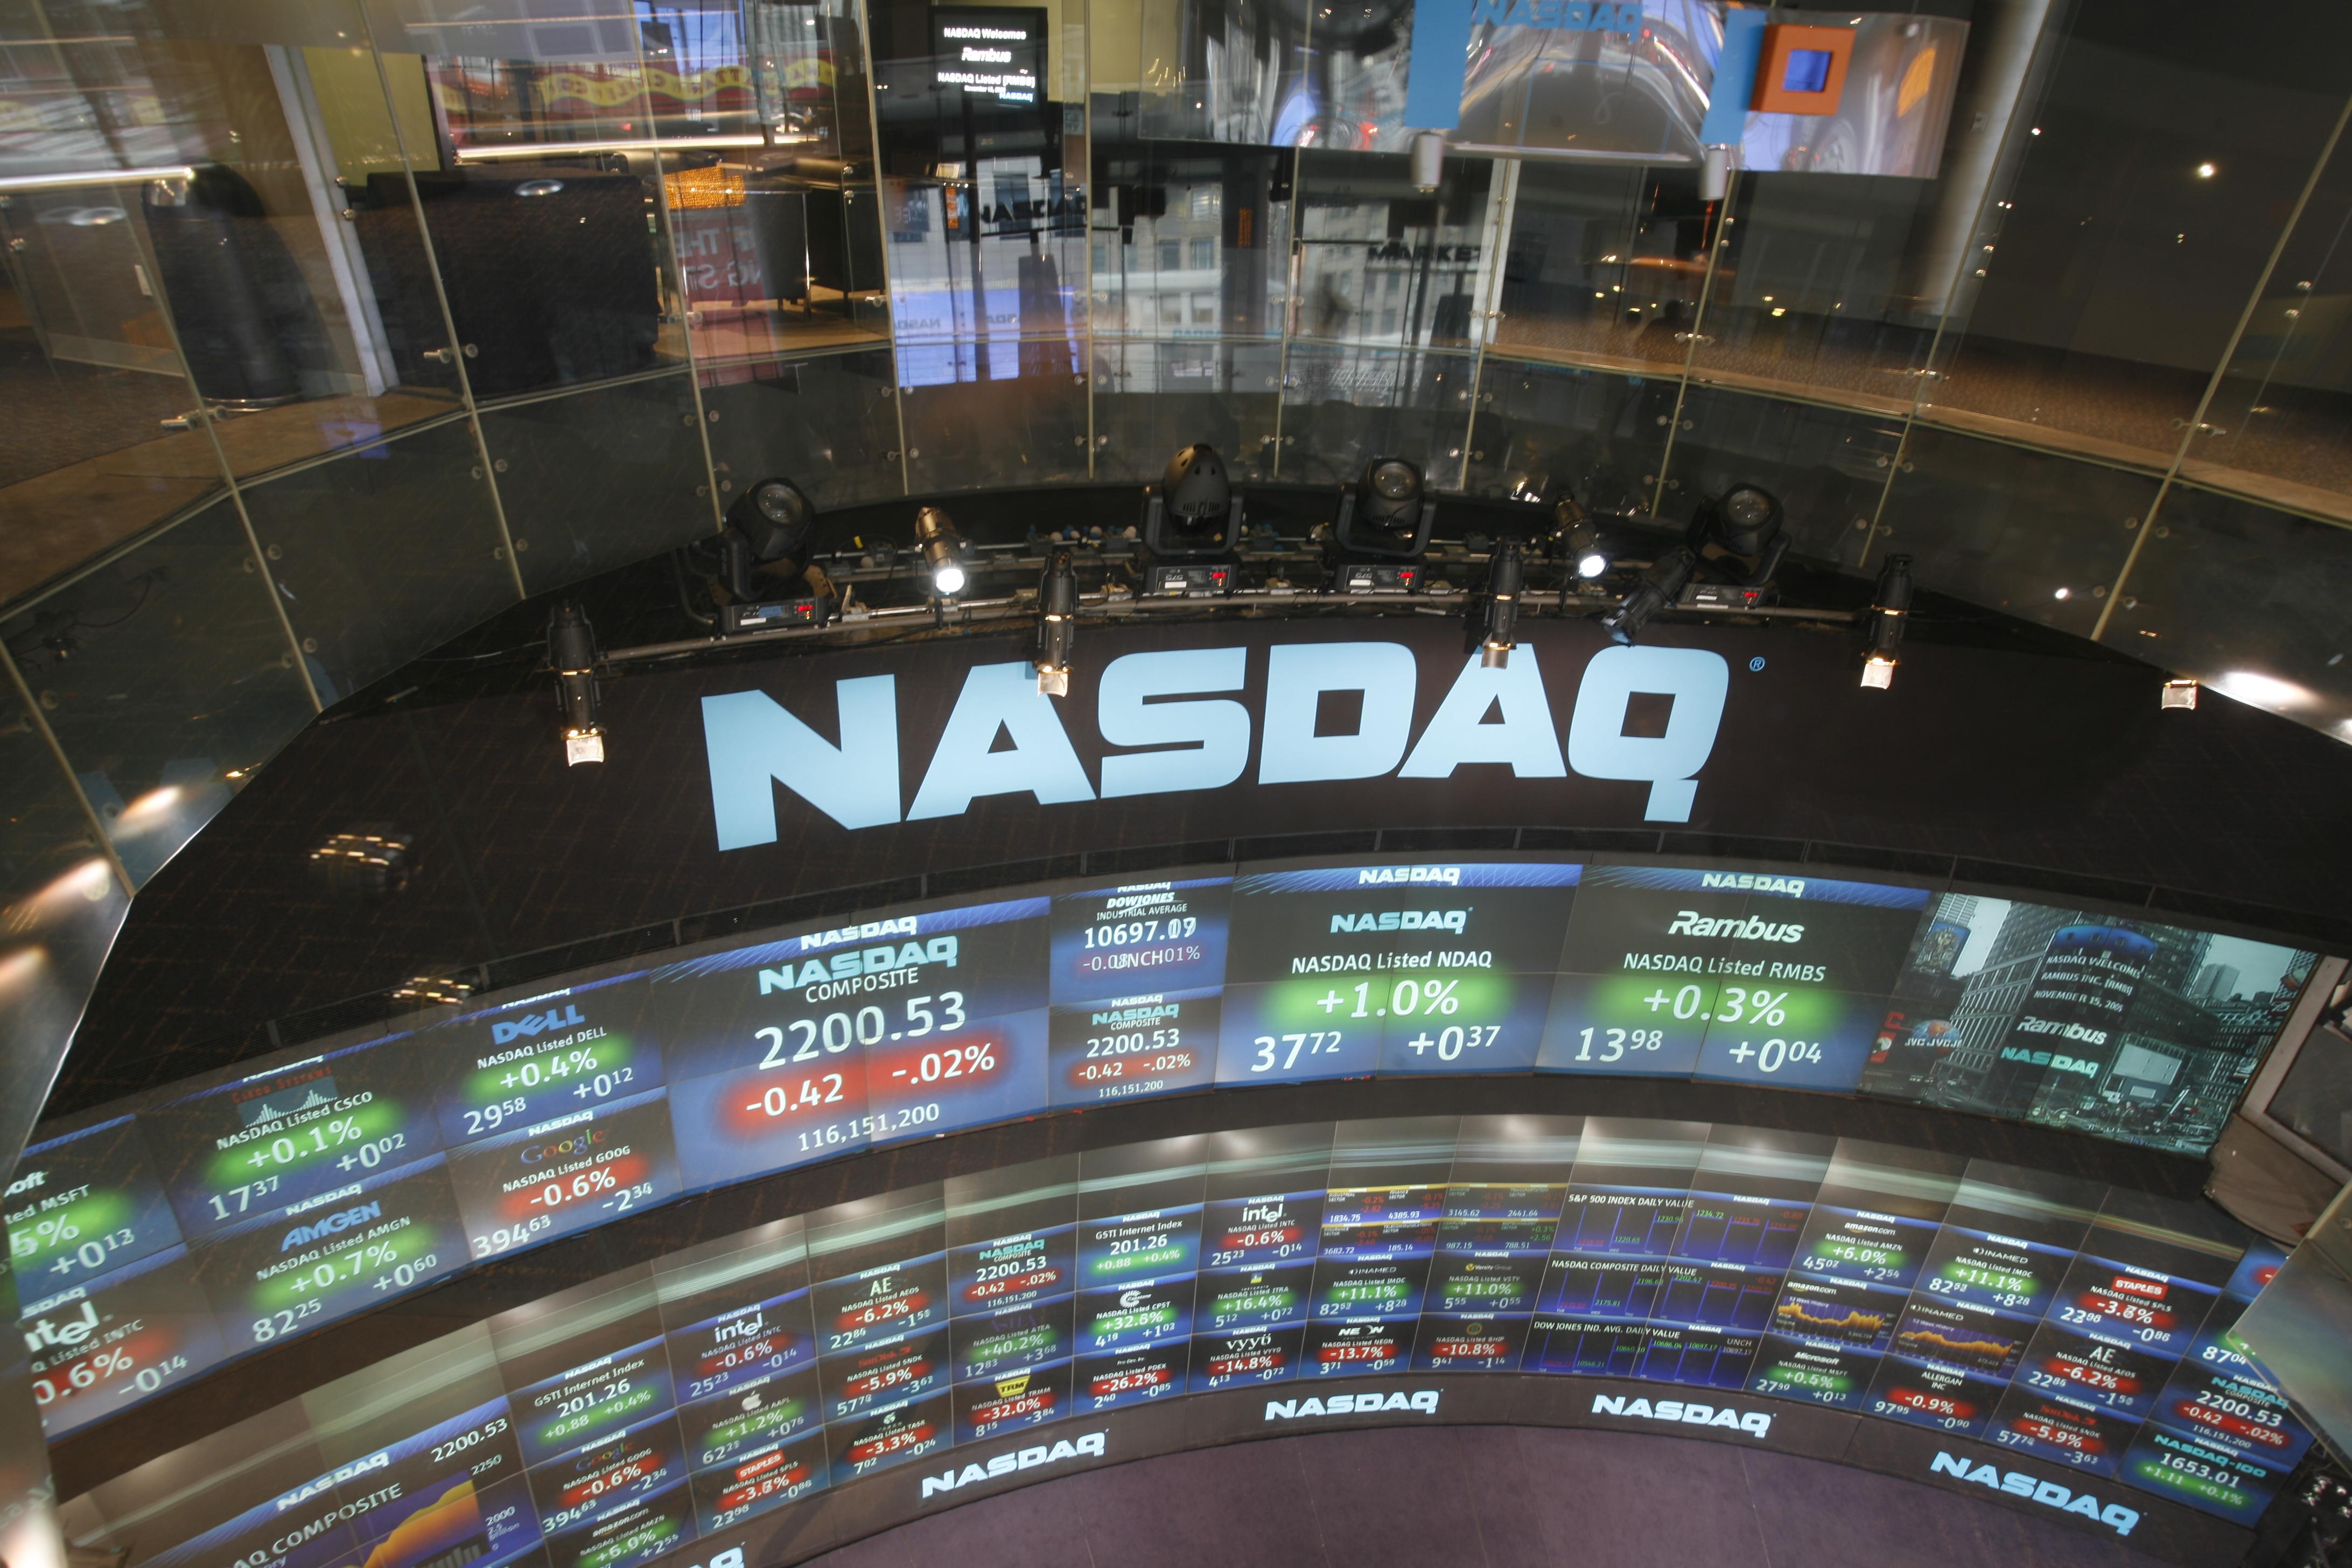 Nasdaq Sharespost Take Private Markets Semi Public With